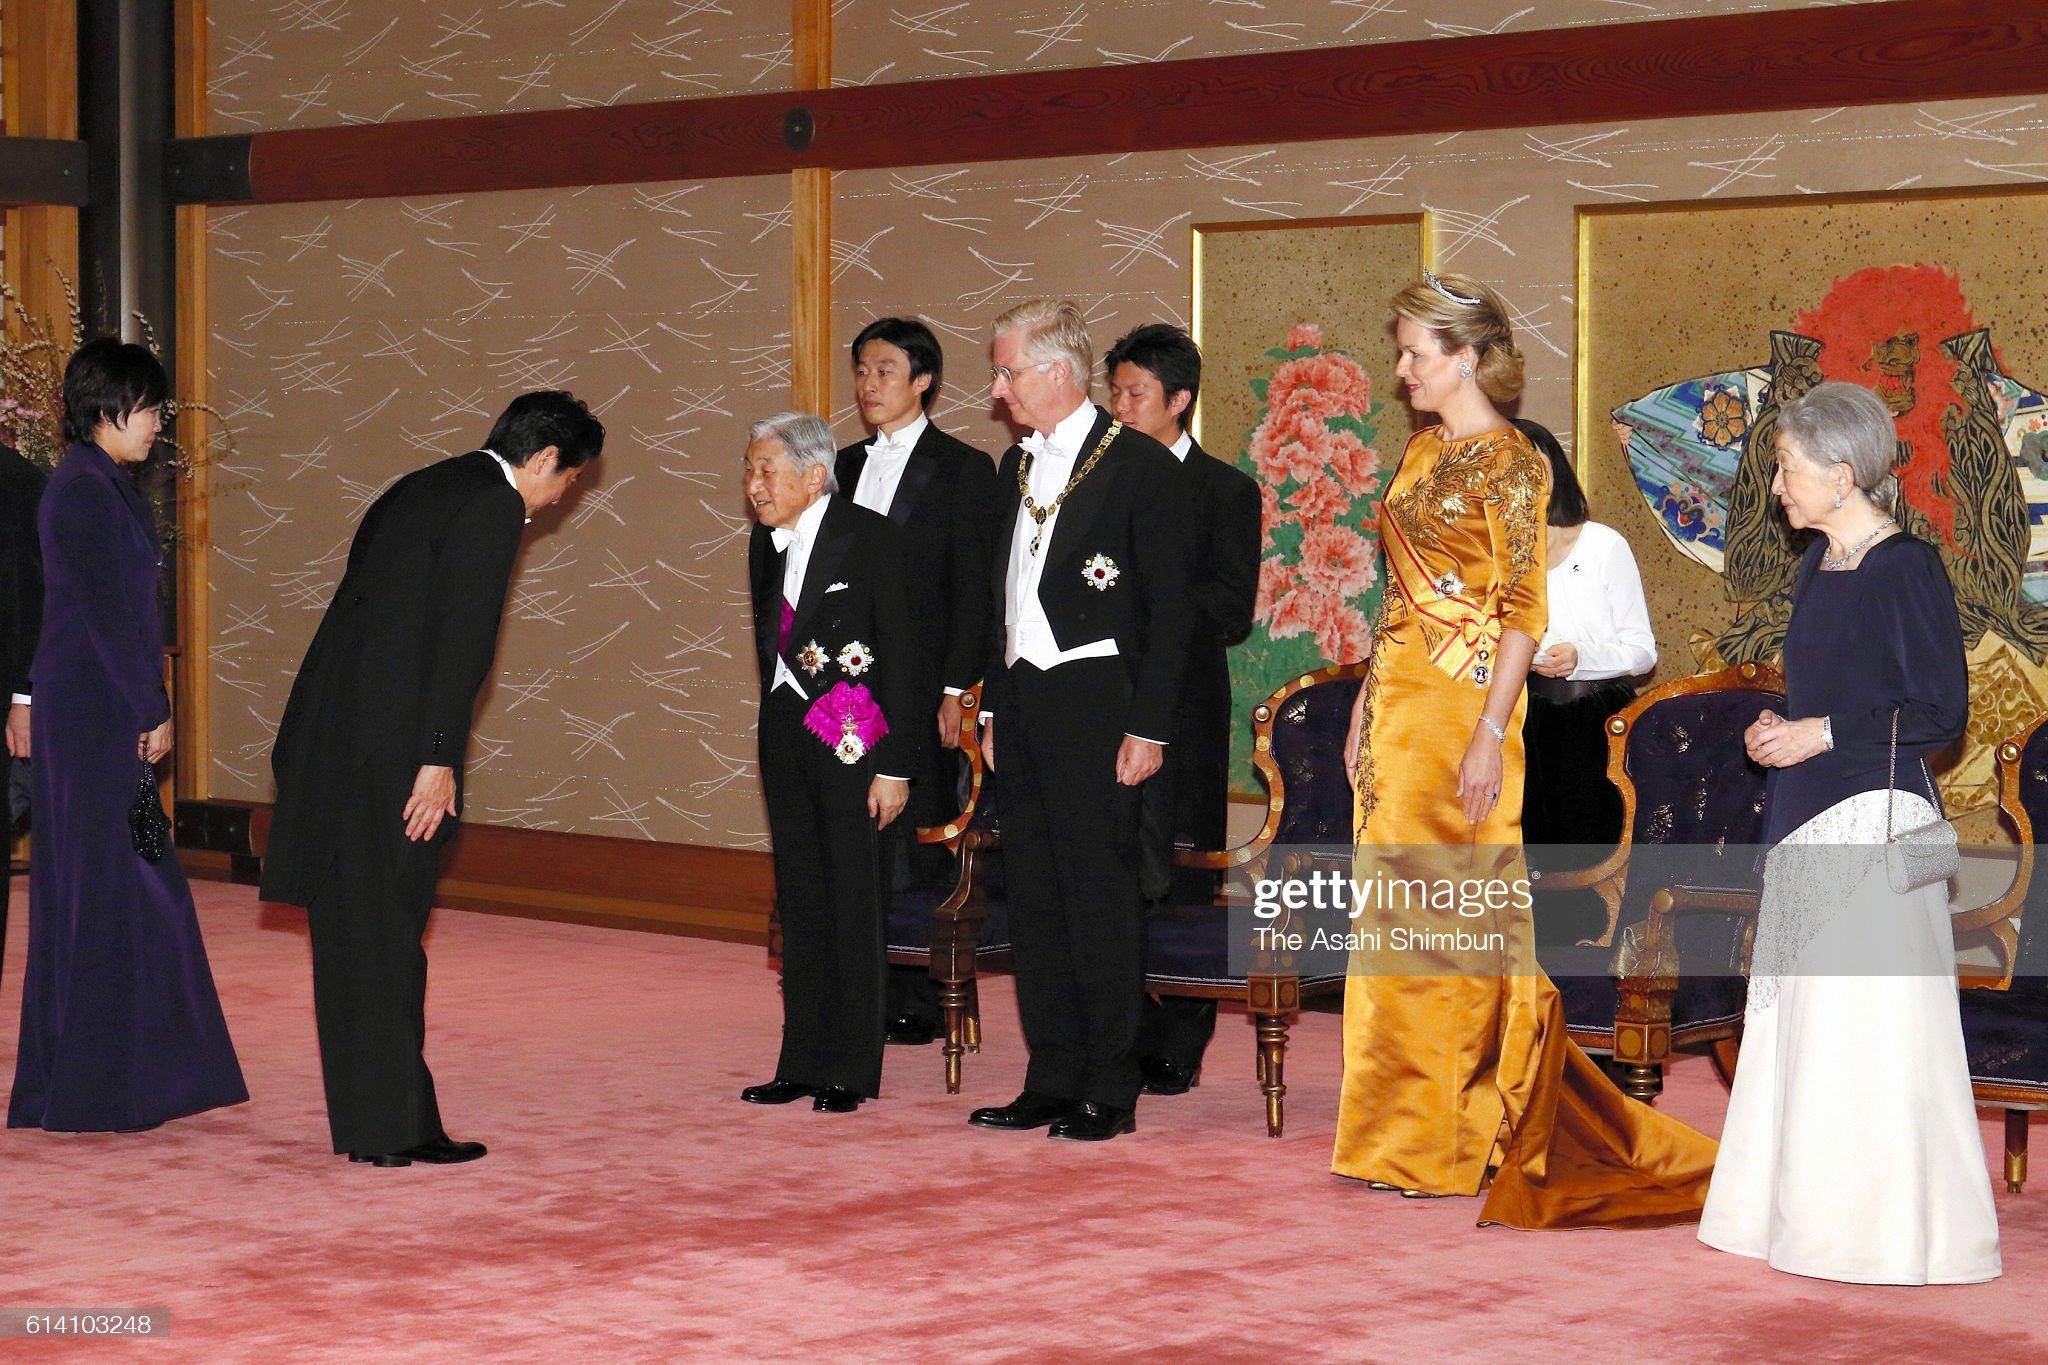 Вечерние наряды Королевы Матильды King And Queen of Belgium Visit Japan - Day 1 : News Photo